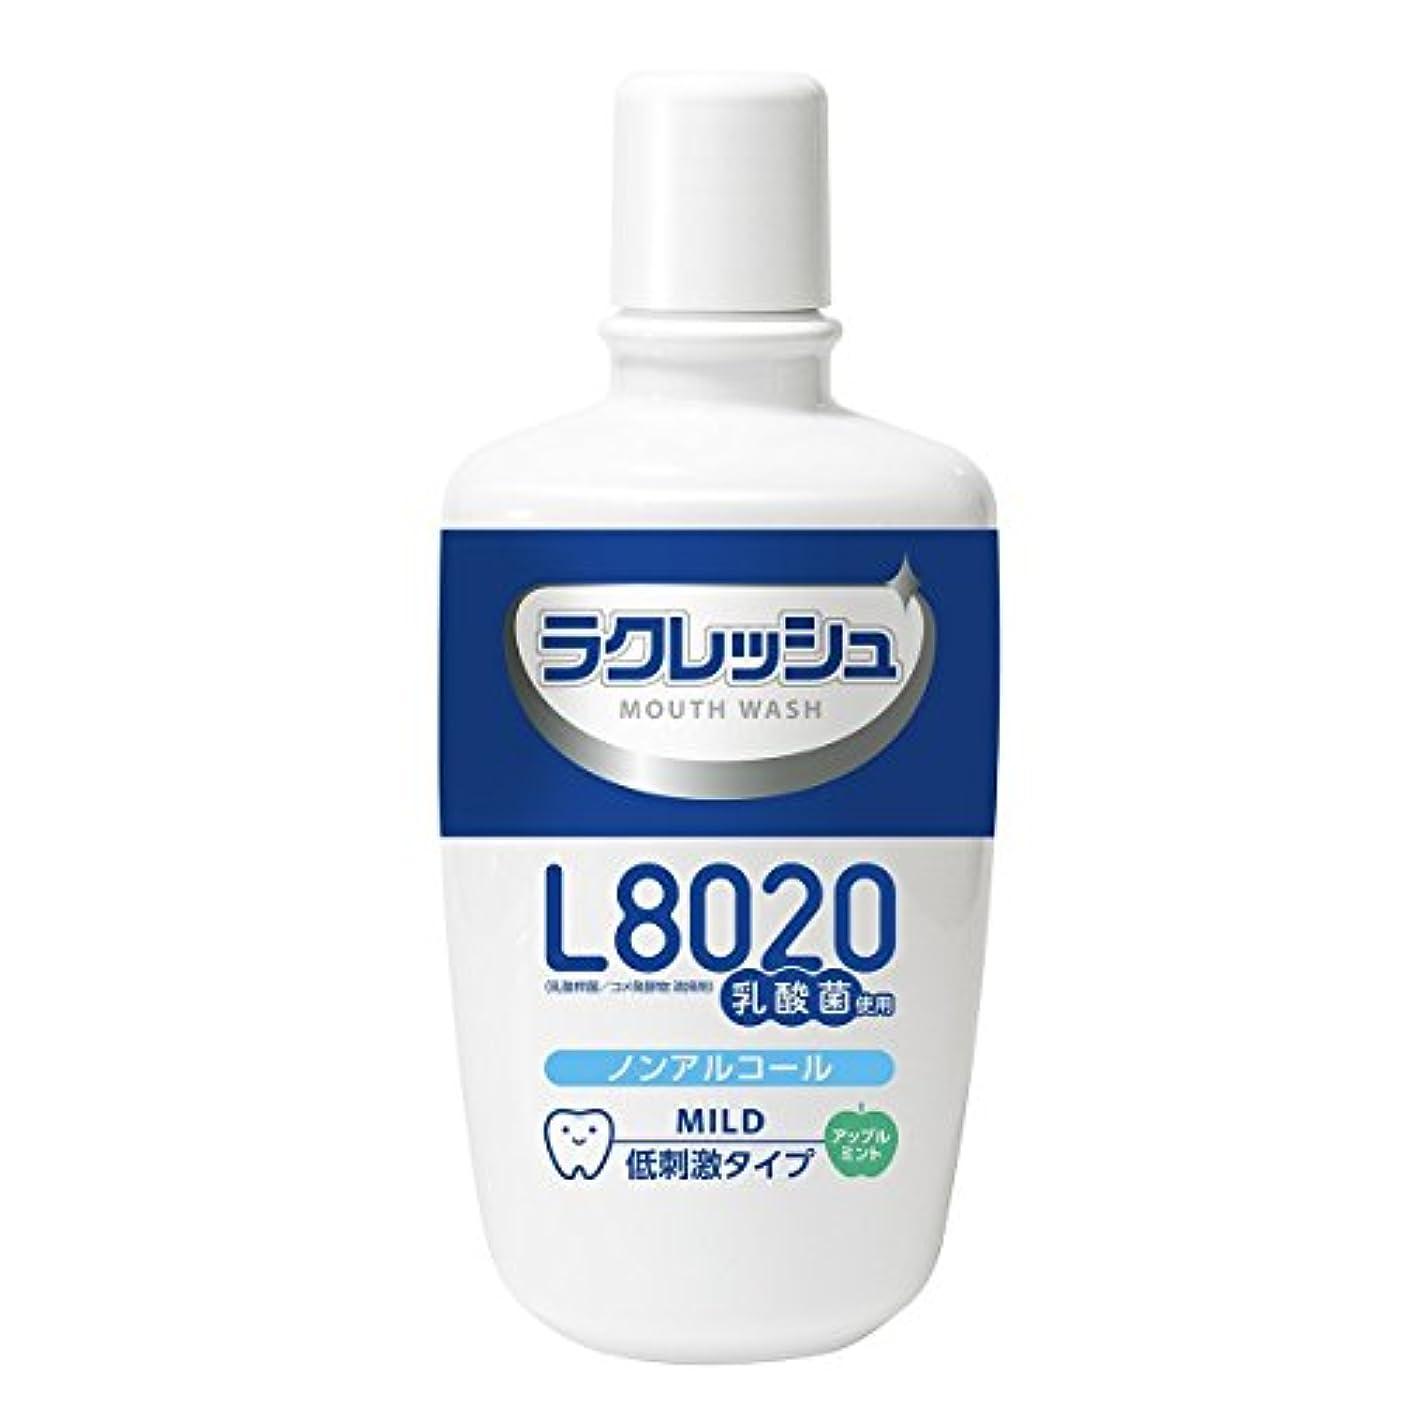 シンプルなほぼトリクルラクレッシュ L8020菌 マウスウォッシュ 3本セット (マイルド)